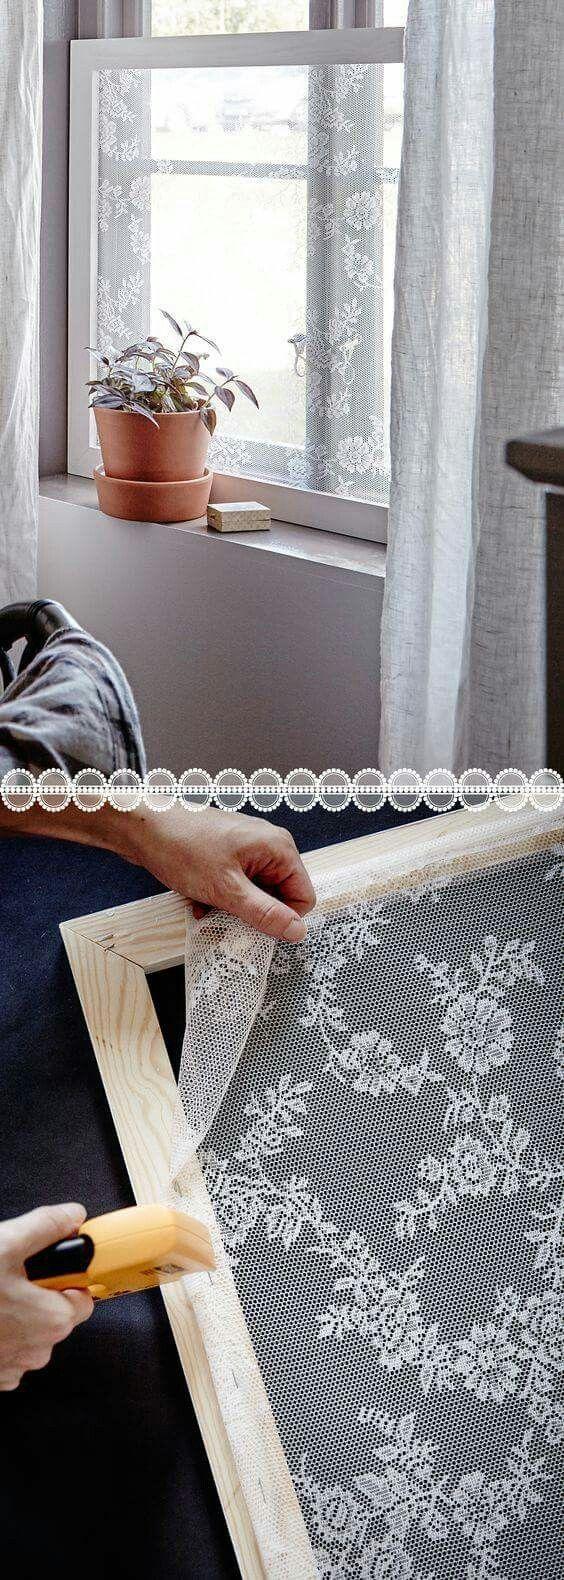 Sichtschutz für das Fenster selber machen l Window screens made